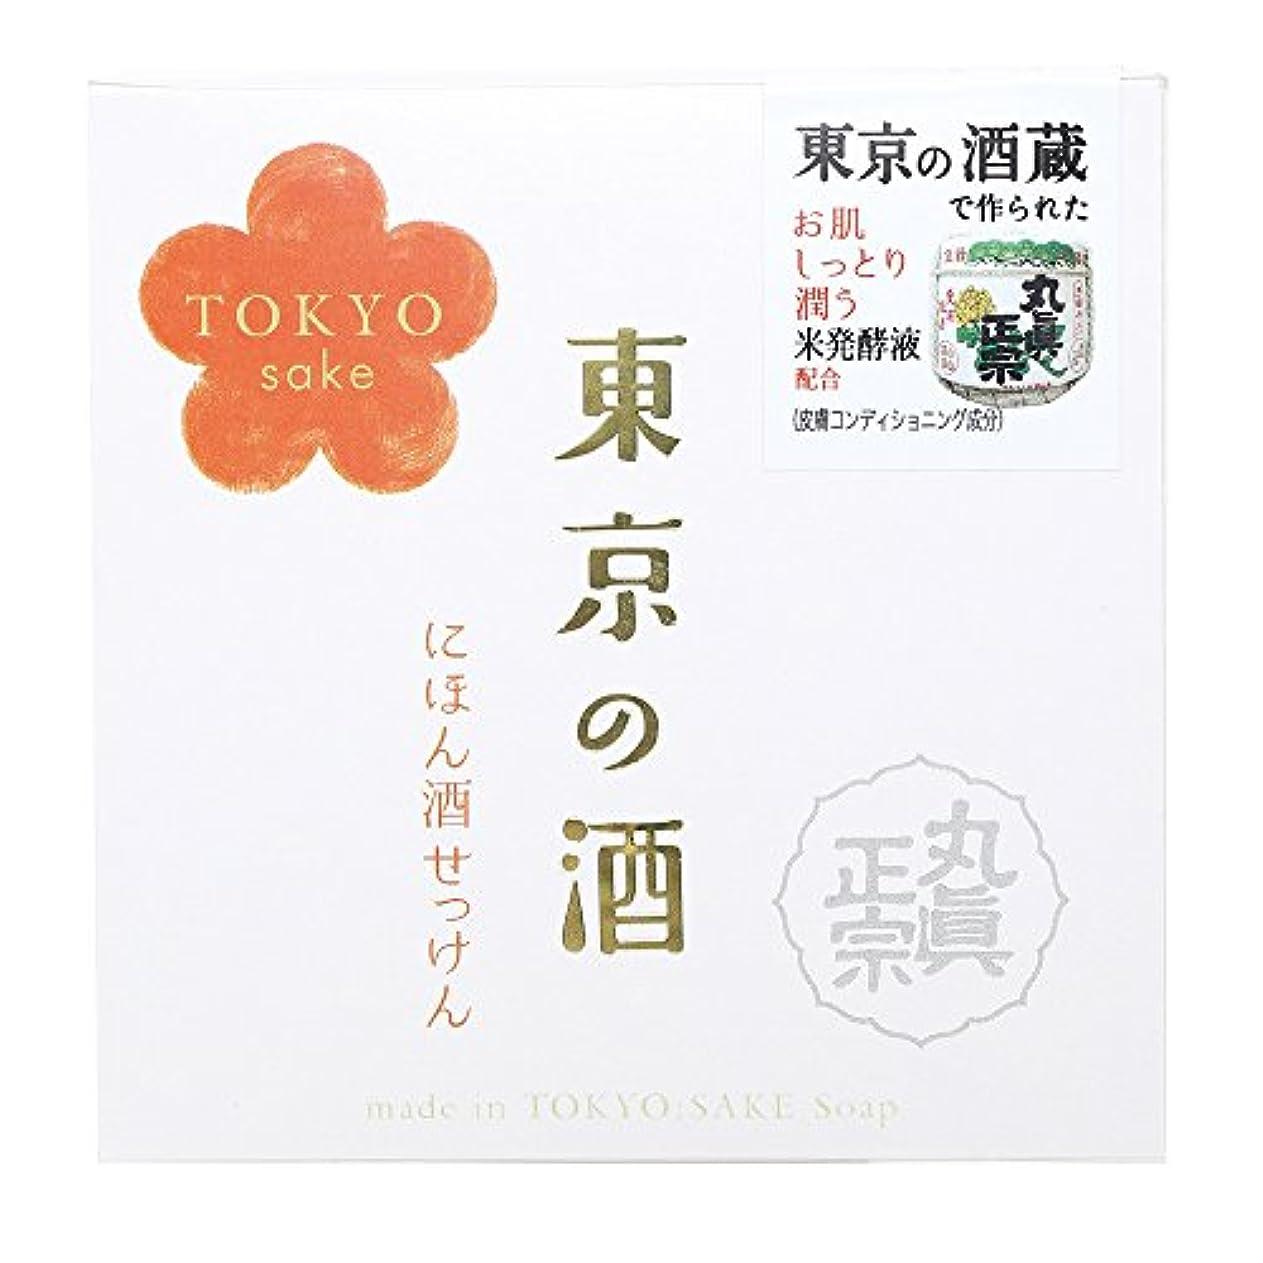 証人バース違法ノルコーポレーション 東京の酒 石けん OB-TKY-1-1 100g